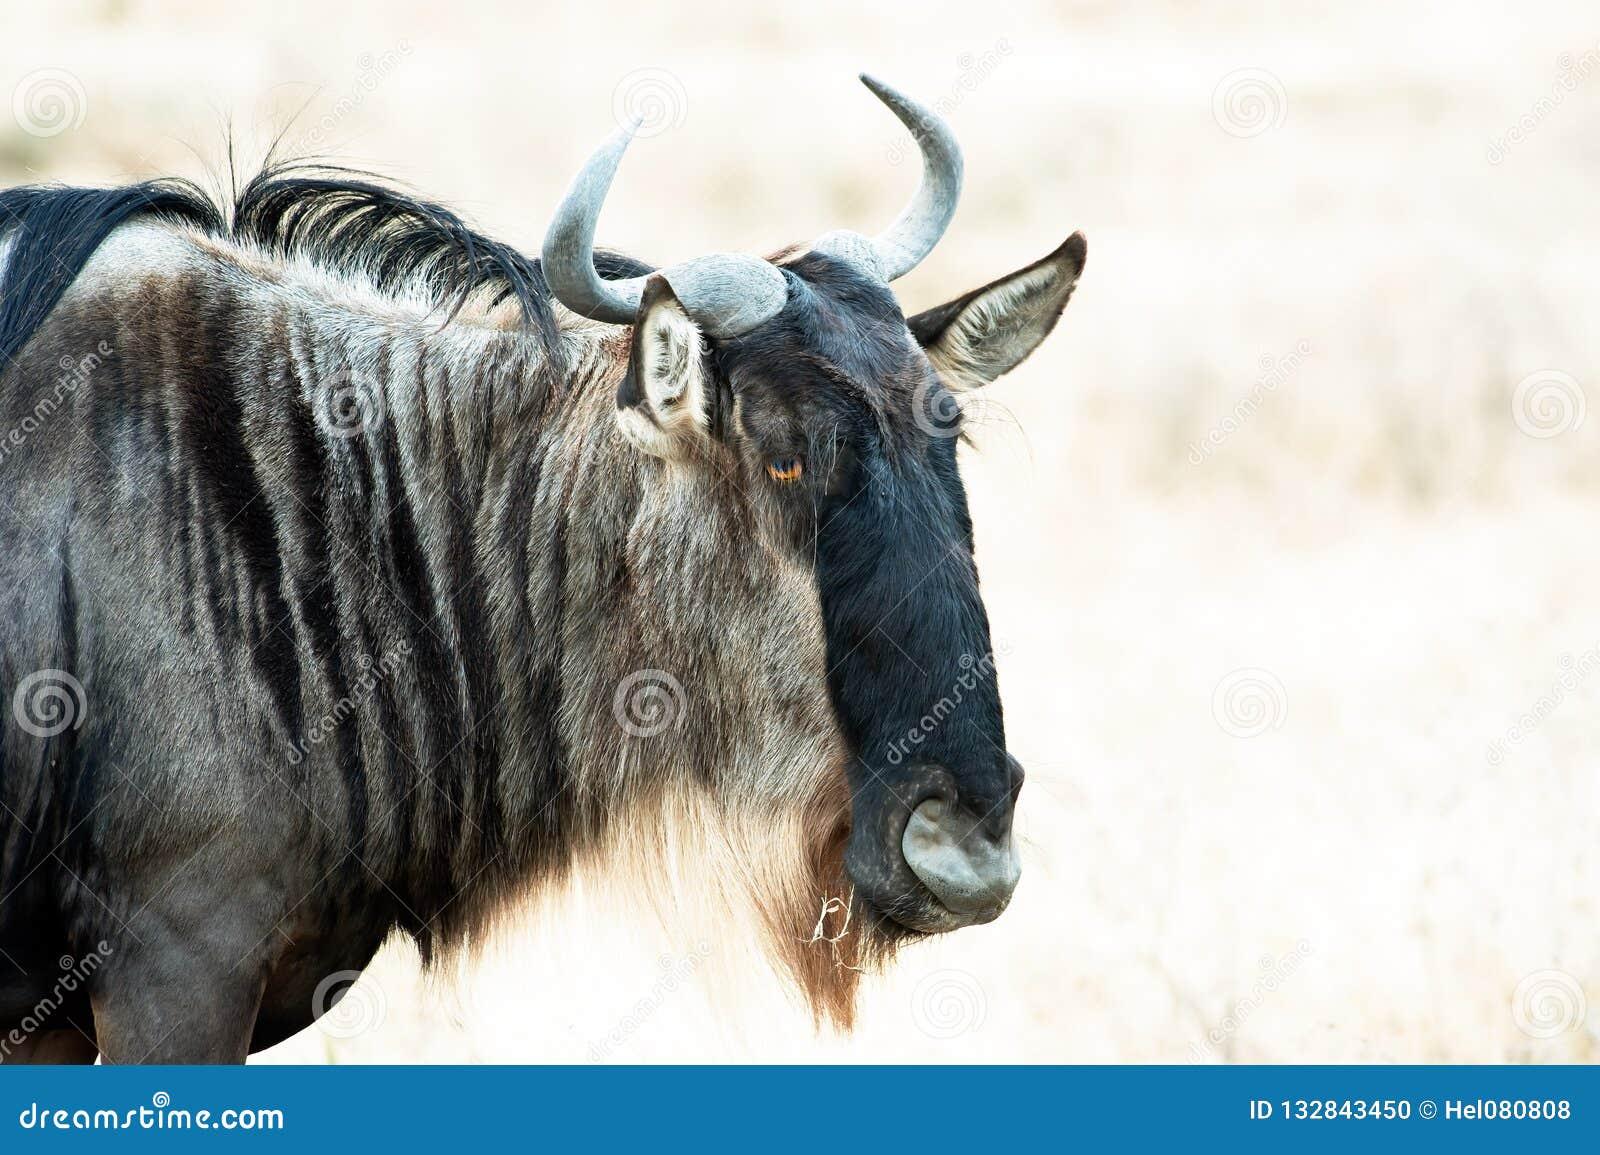 角马头,角马特写镜头在塞伦盖蒂,坦桑尼亚大草原的